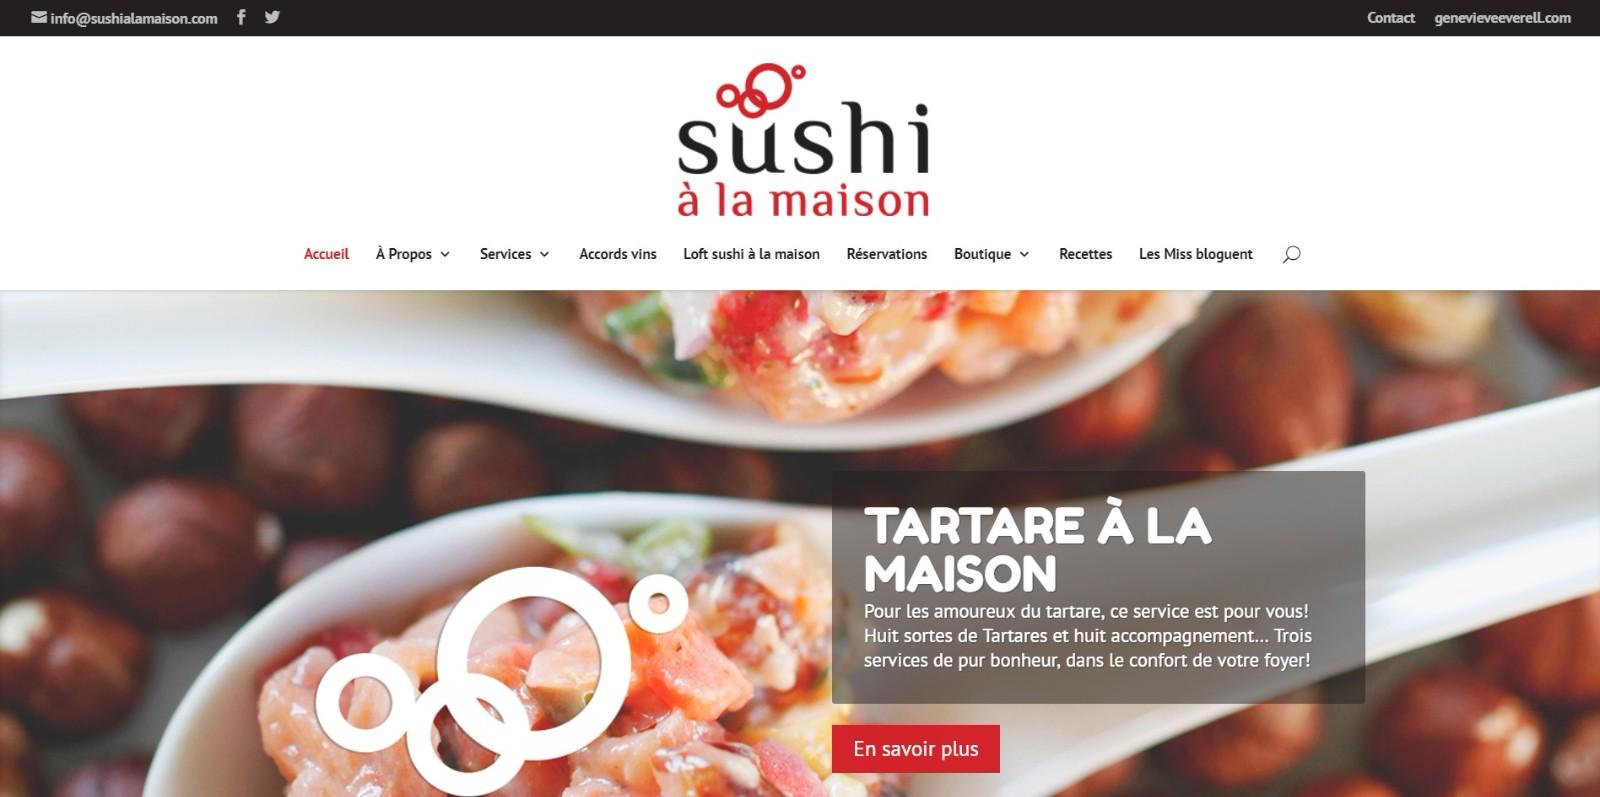 Sushi A La Maison